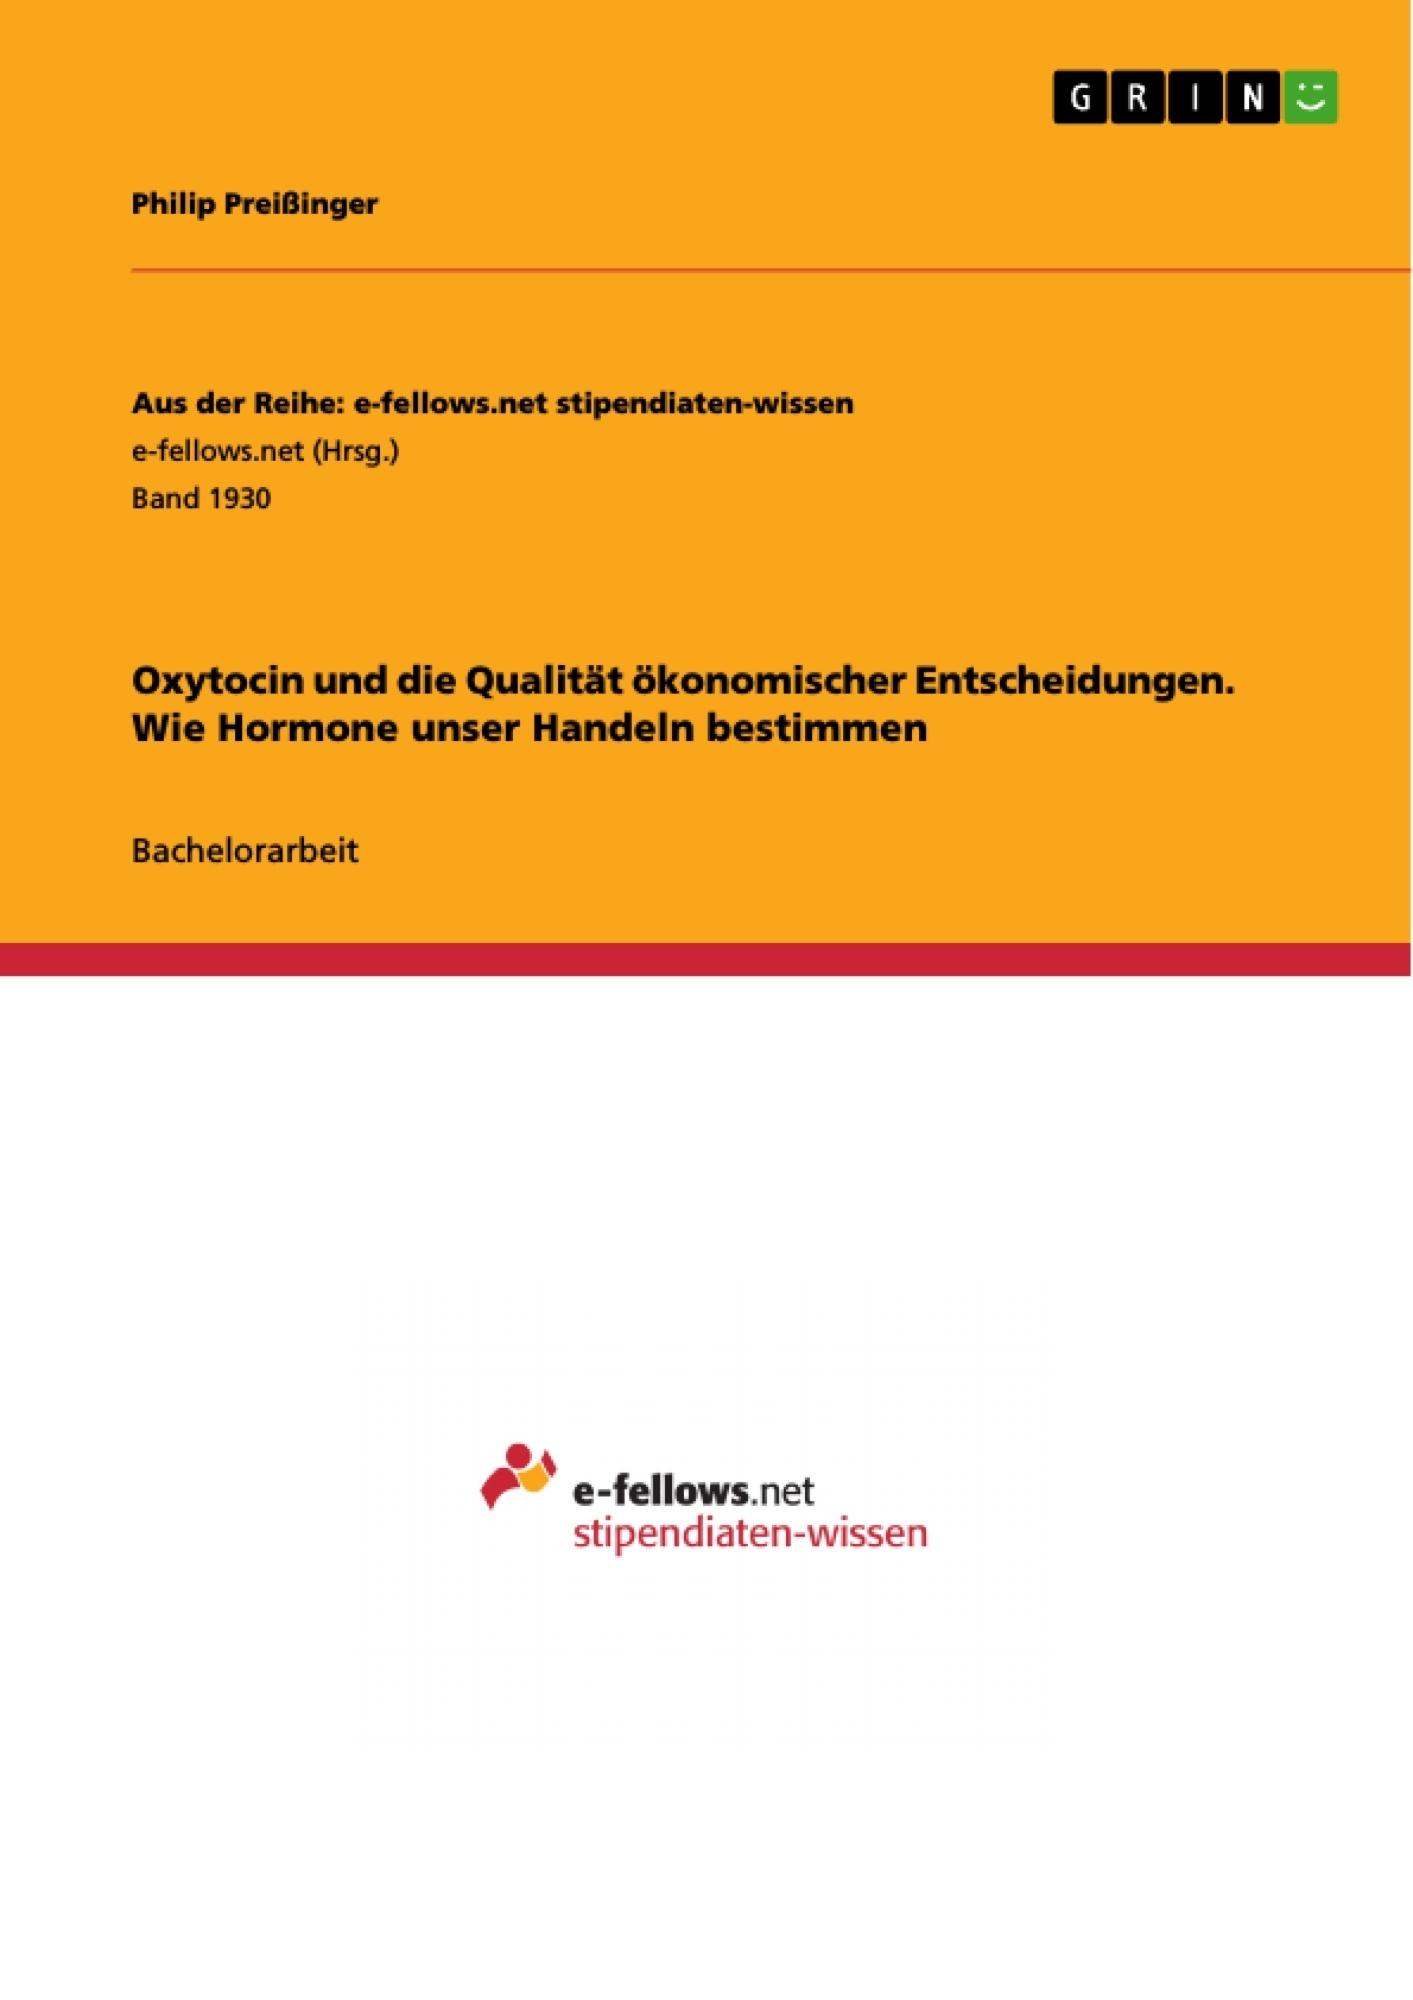 Titel: Oxytocin und die Qualität ökonomischer Entscheidungen. Wie Hormone unser Handeln bestimmen